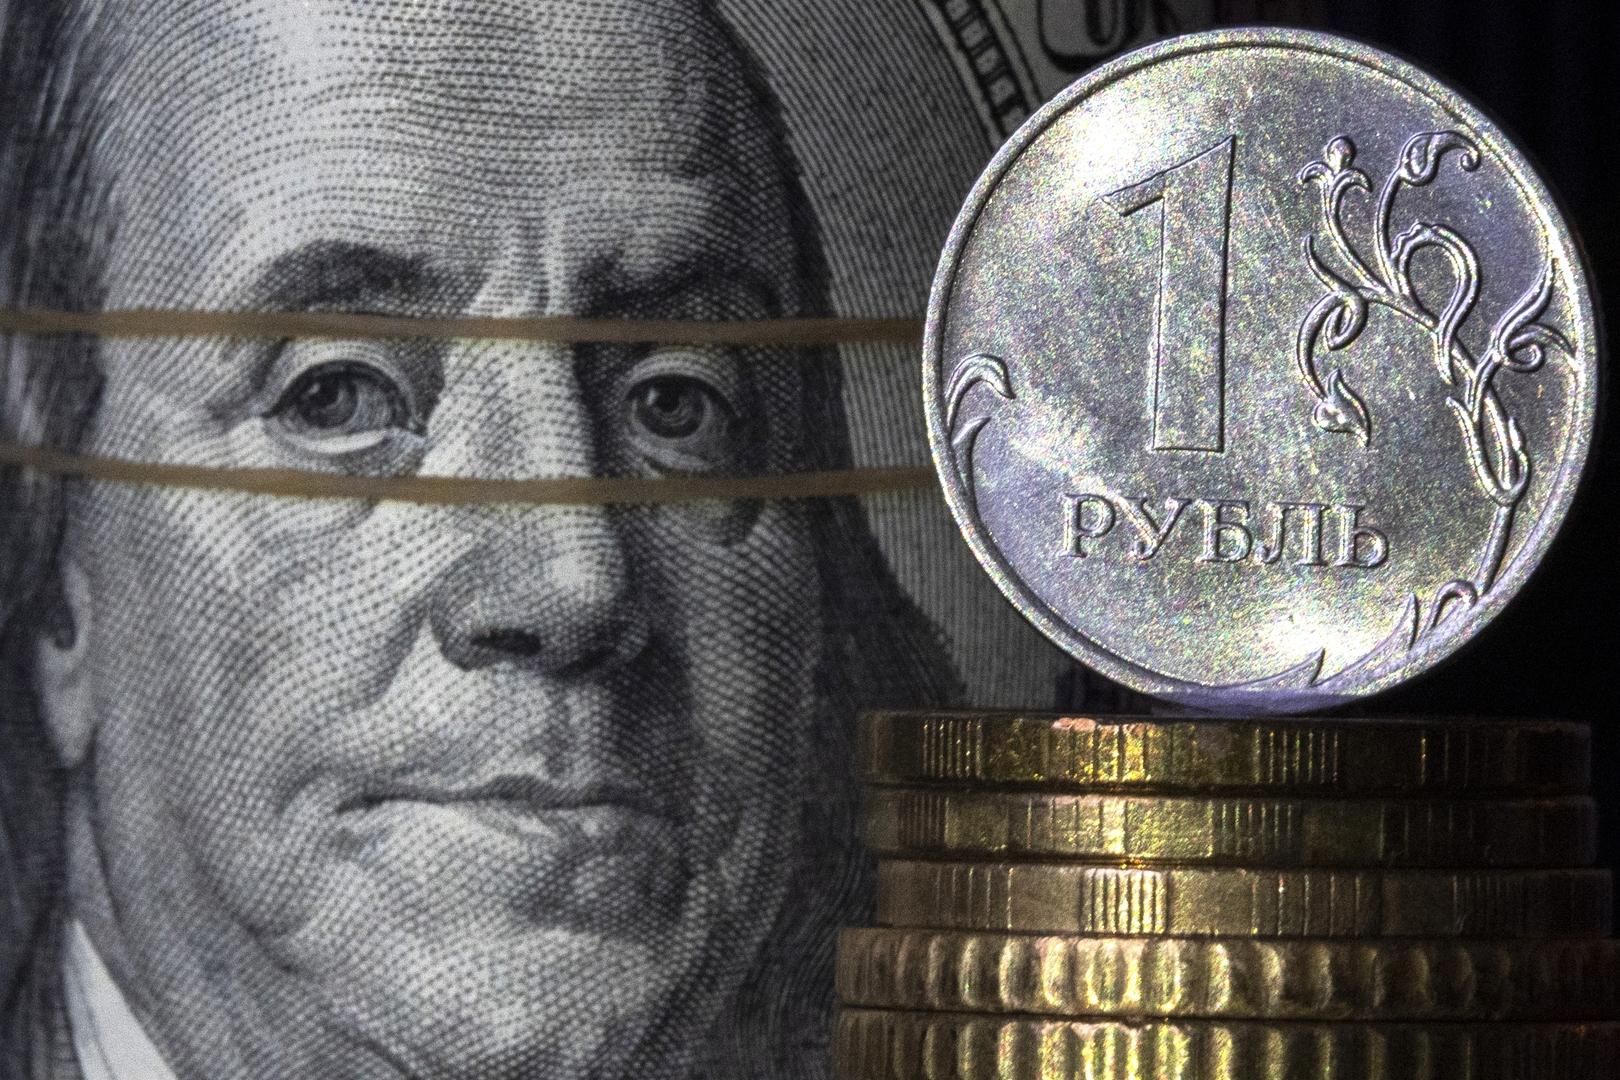 الروبل الروسي ضمن أكثر العملات رواجا في العالم